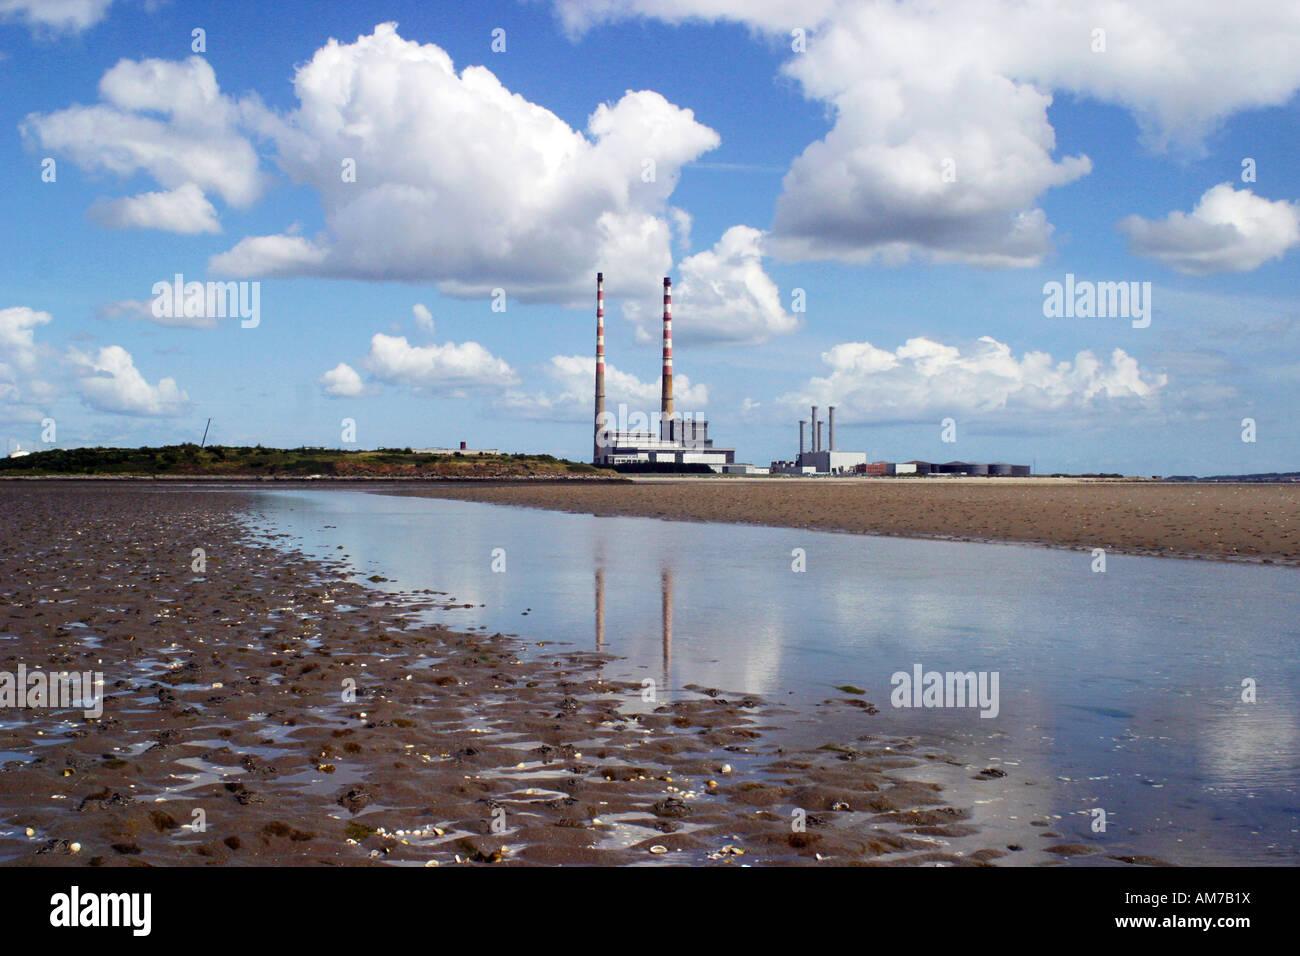 Poolbeg generatriz es una estación de energía de propiedad y operado por la Electricity Supply Board de la República Foto de stock